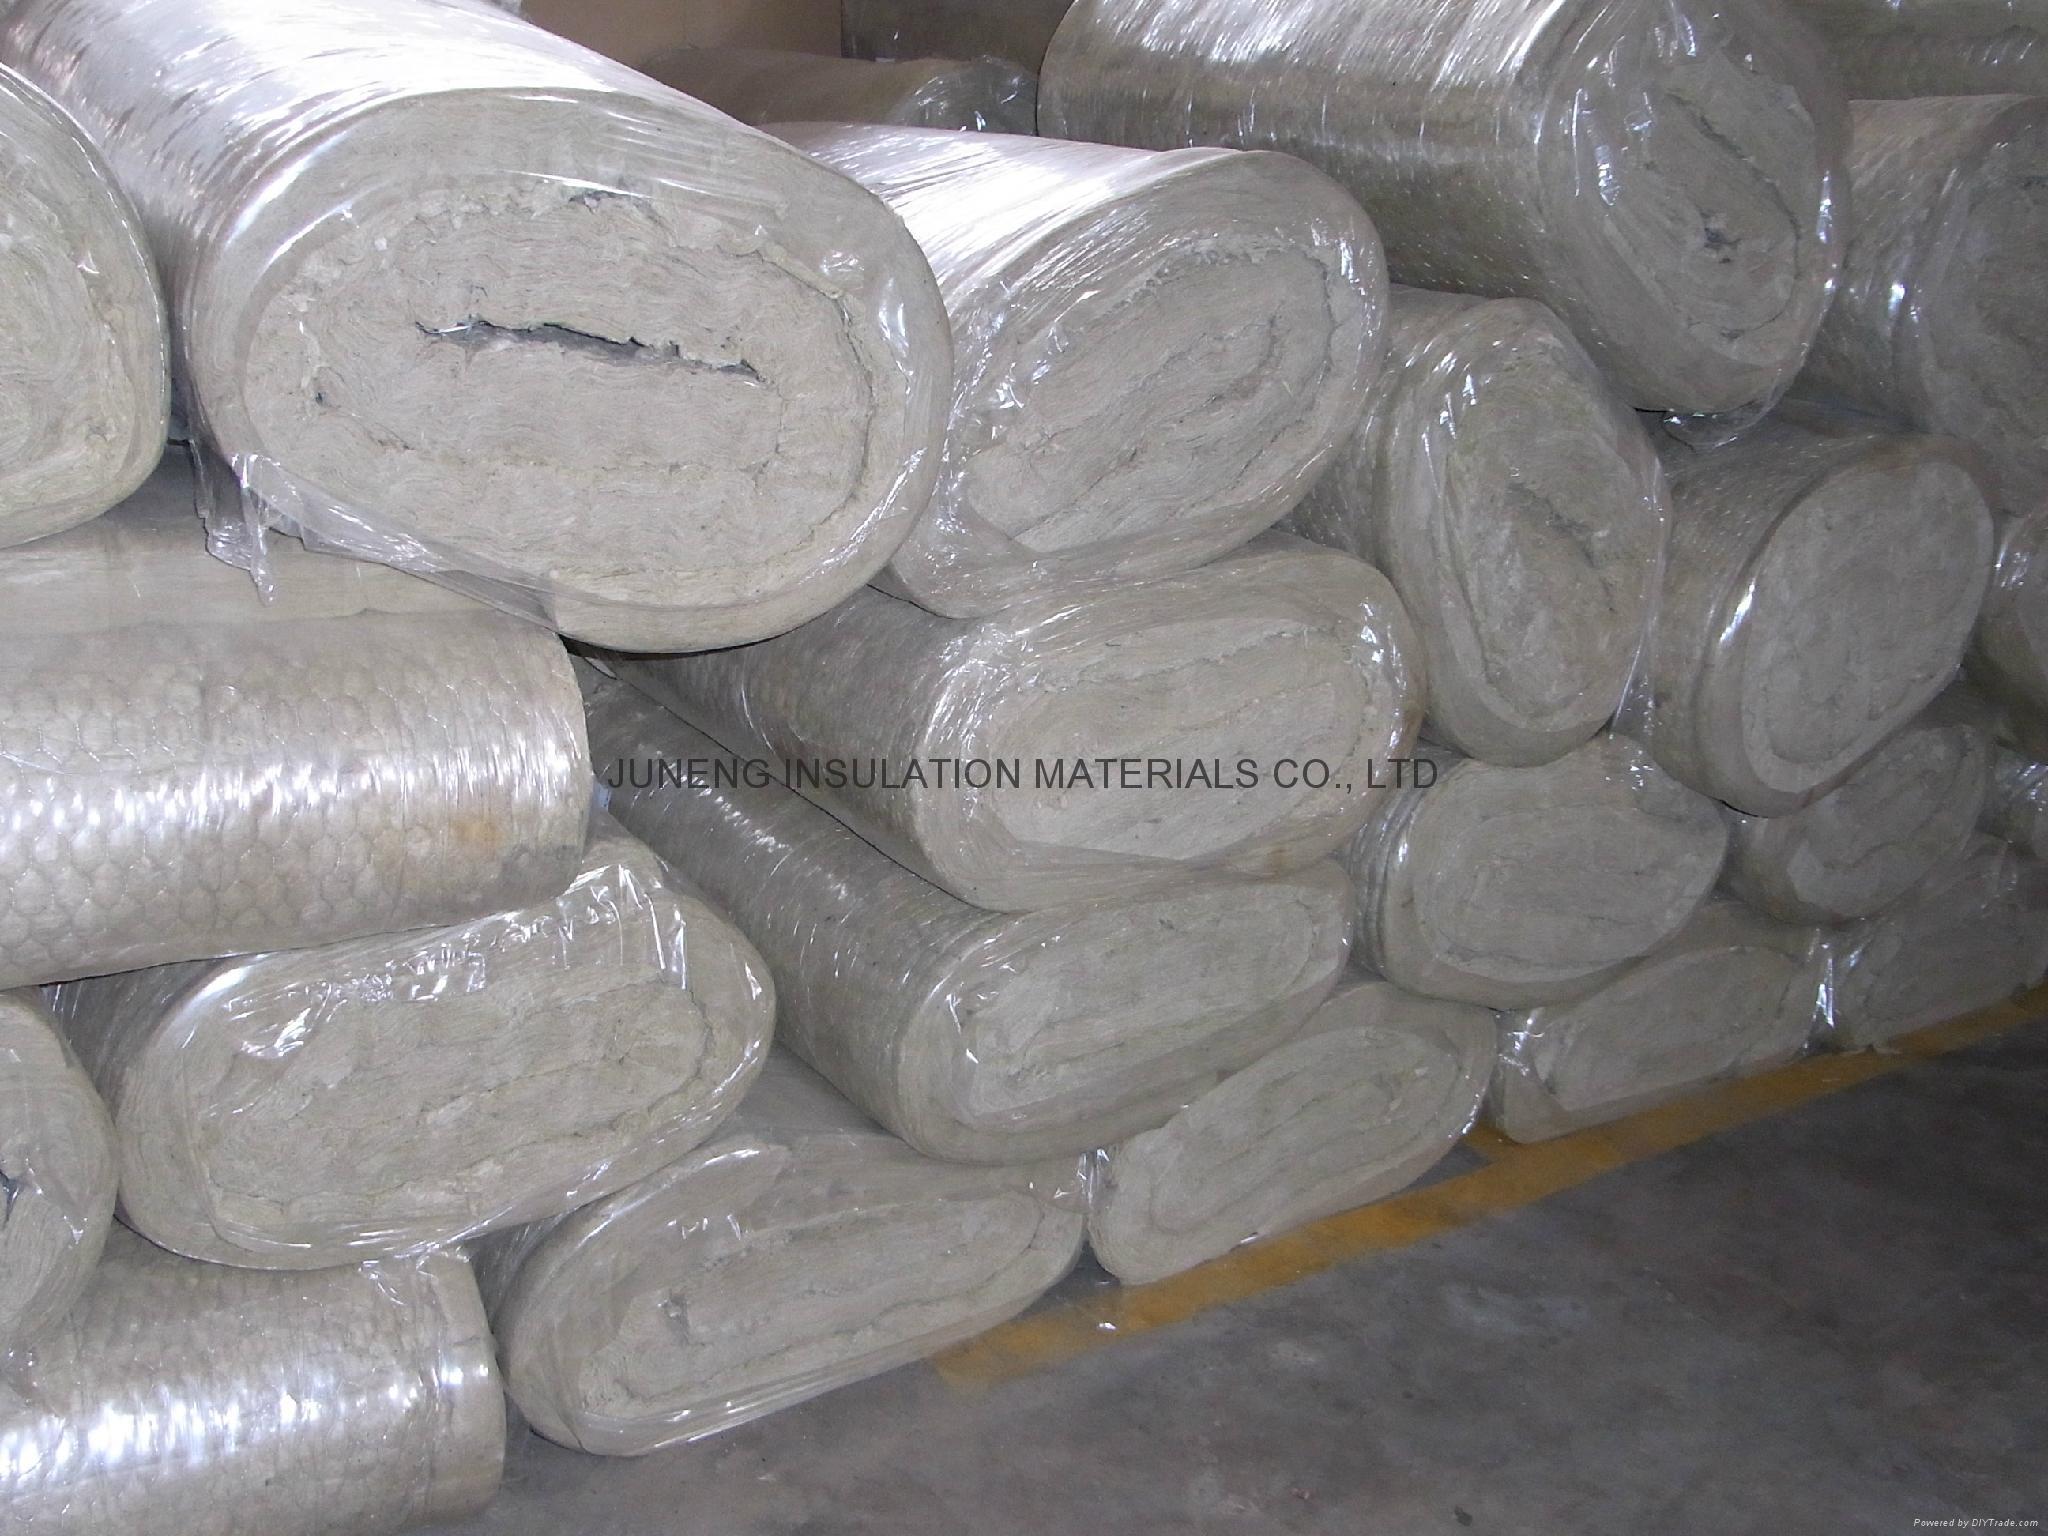 Roxul rockwool blanket jn rock wool juneng or roxul for Roxul mineral wool insulation